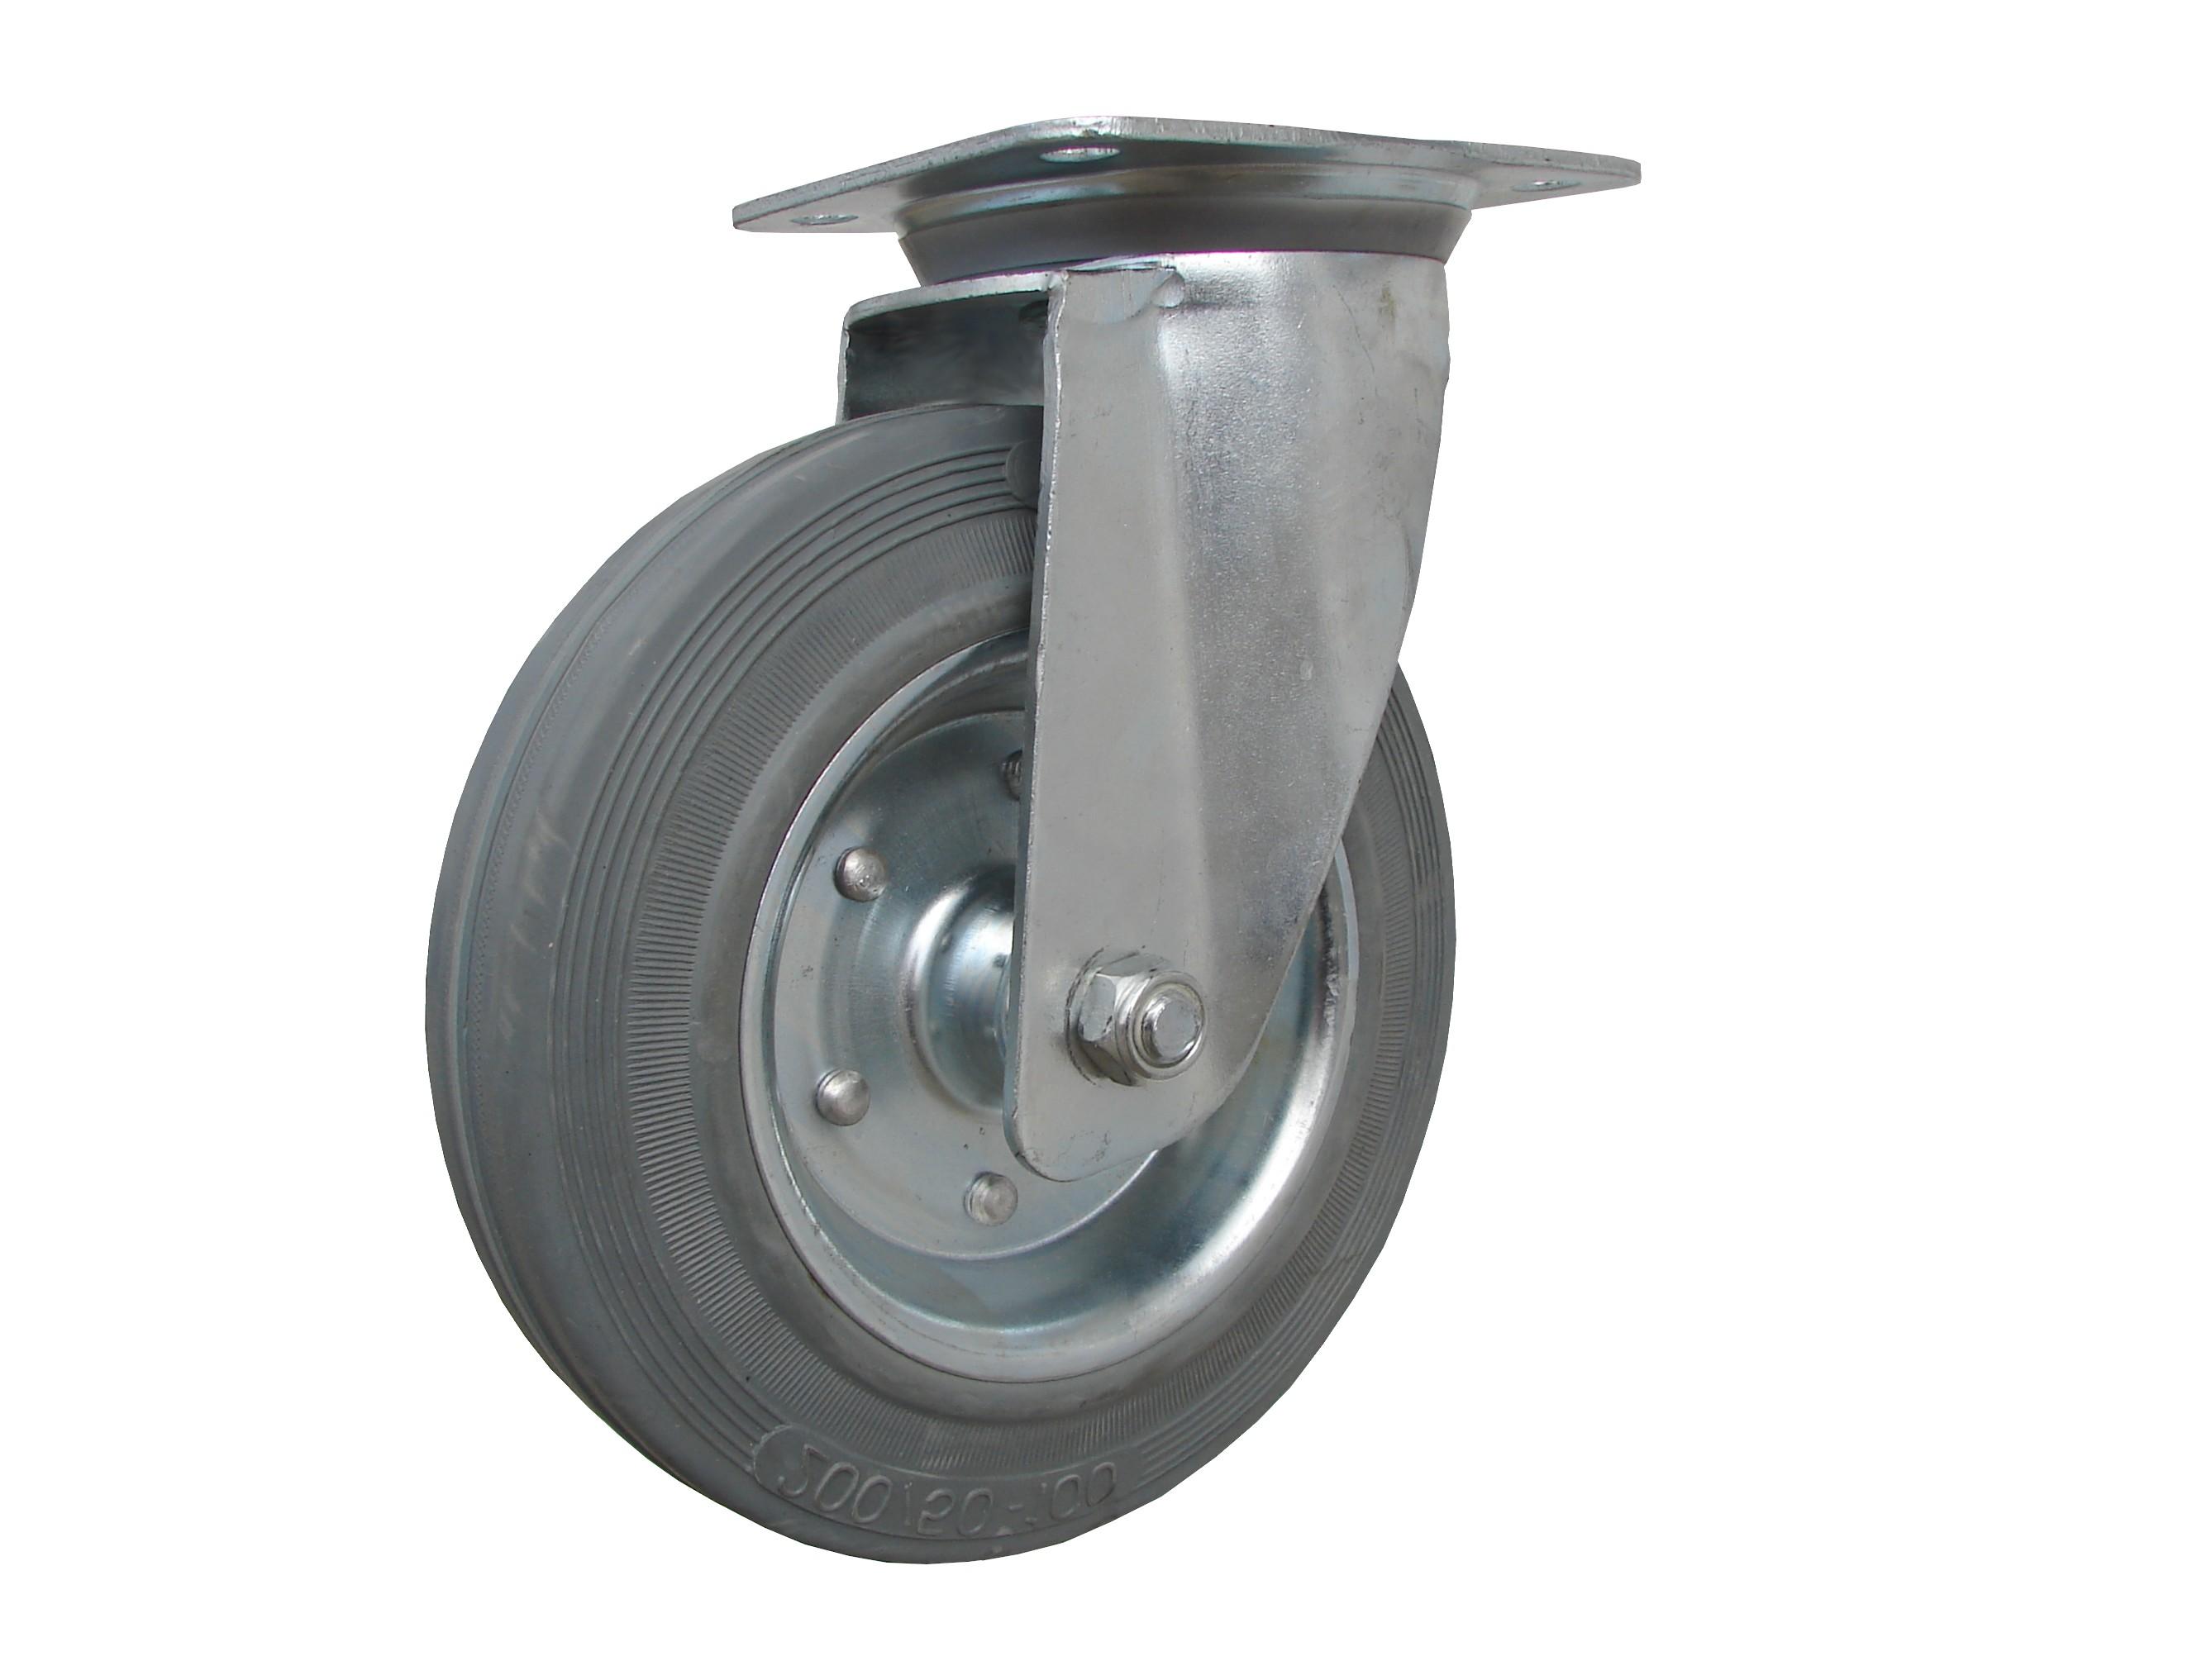 Kolieska otočná, sivá gumená, kovový disk serie 64 000